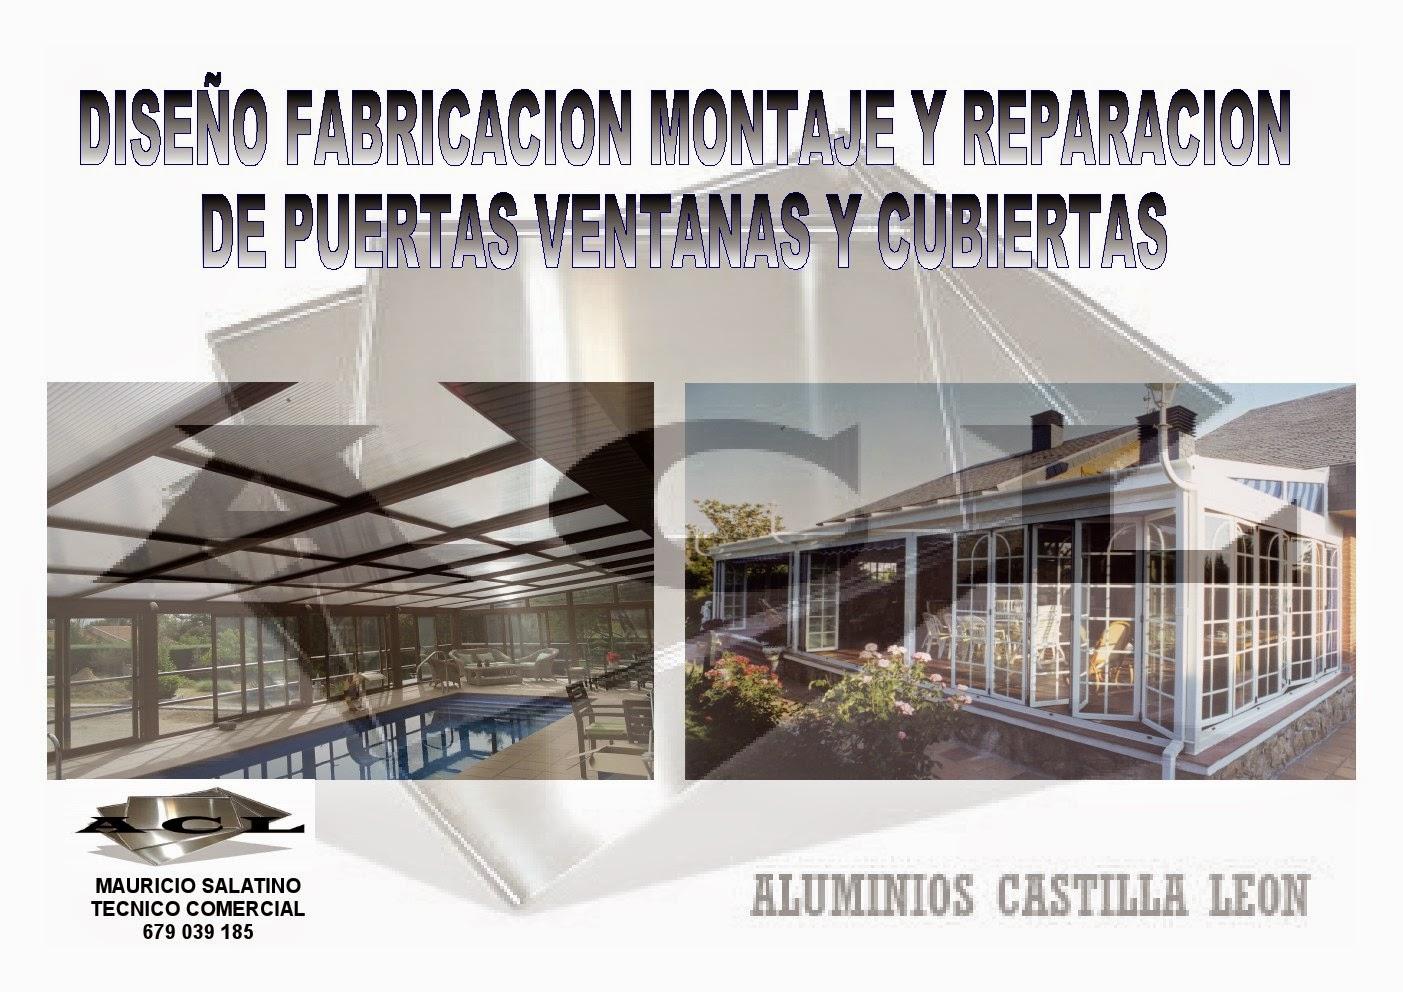 Aluminios Castilla Leon 679 039 185 Cerramientos Porches Y